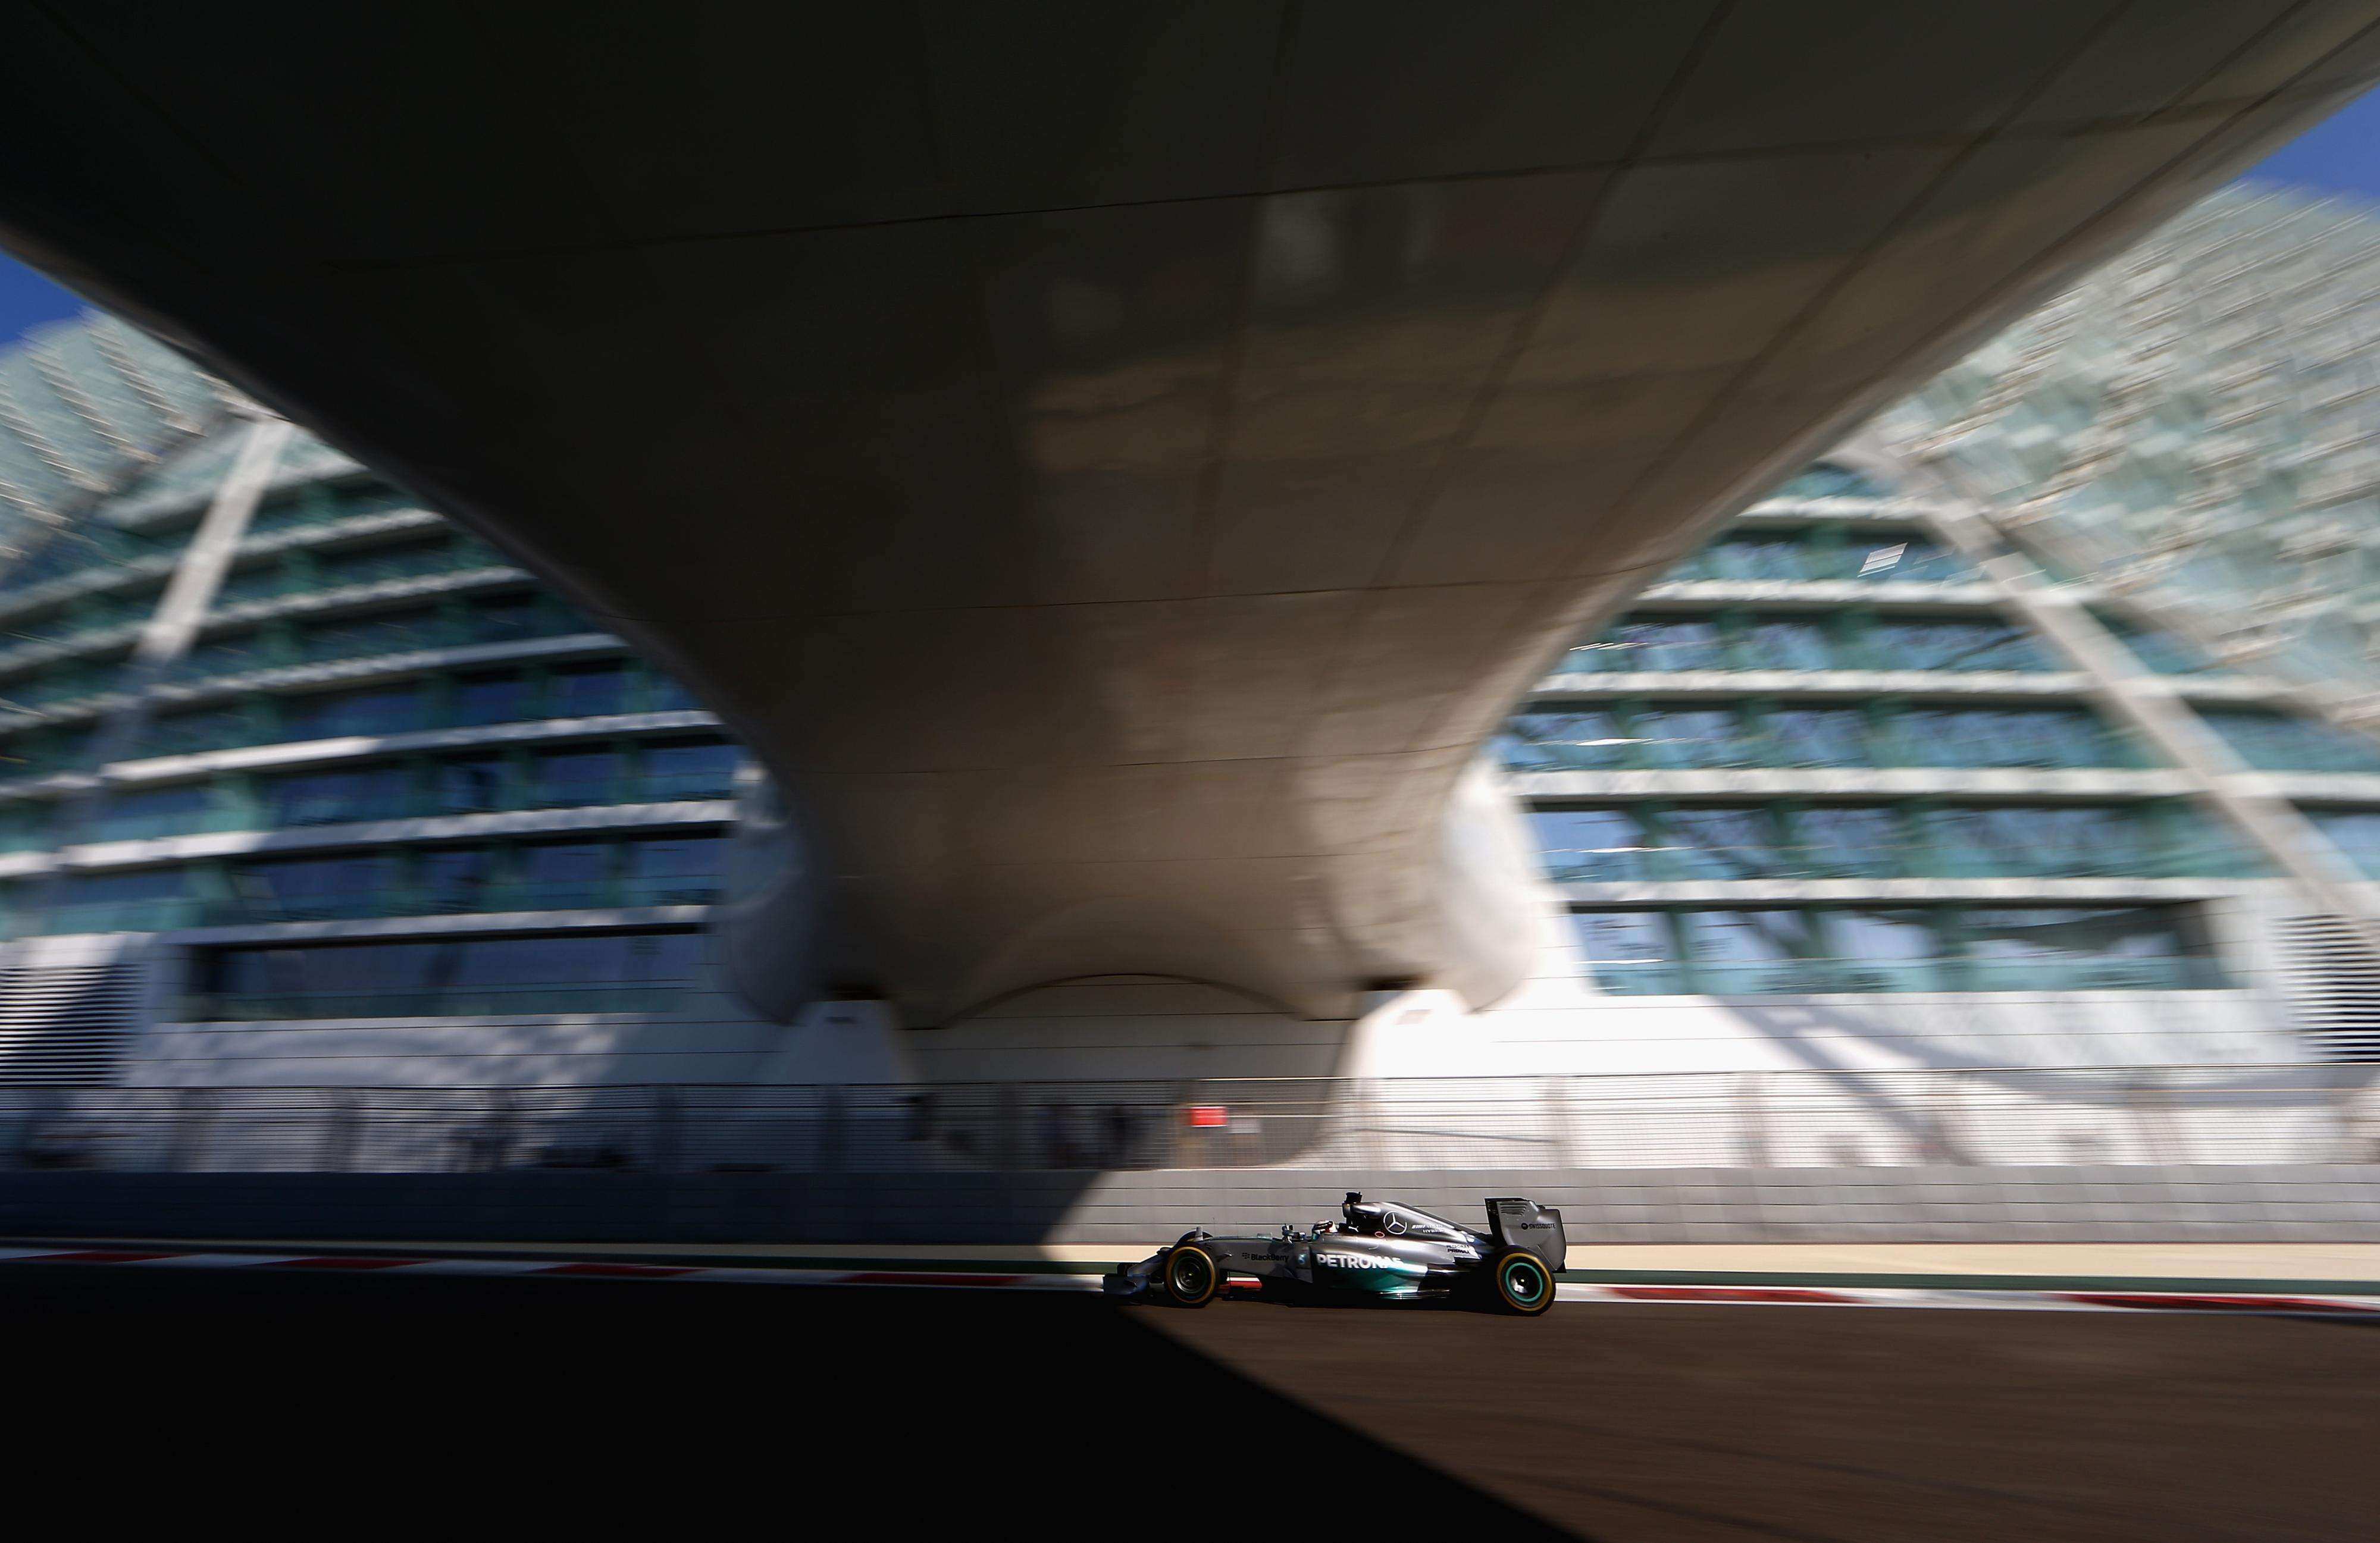 El auto de Lewis Hamilton en la práctica de Abu Dhabi Foto: Gettyimages